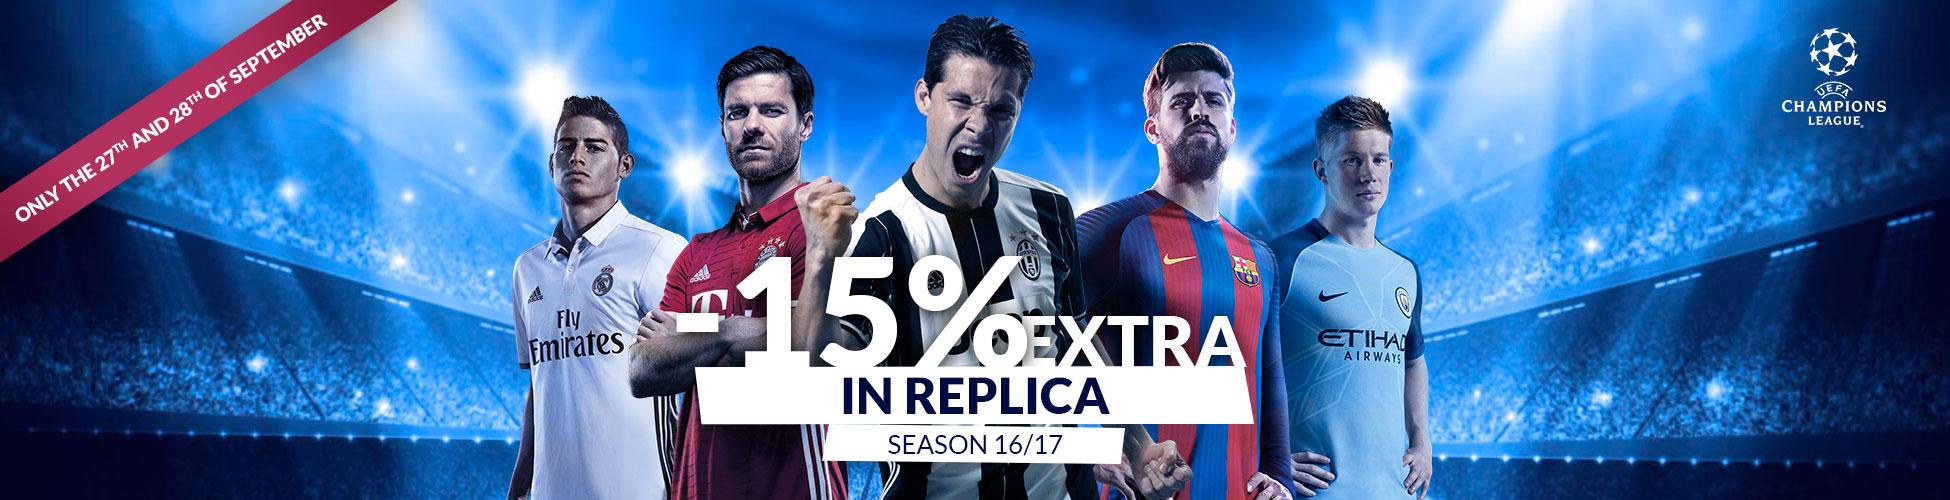 Descuento Champions 15% Septiembre EN